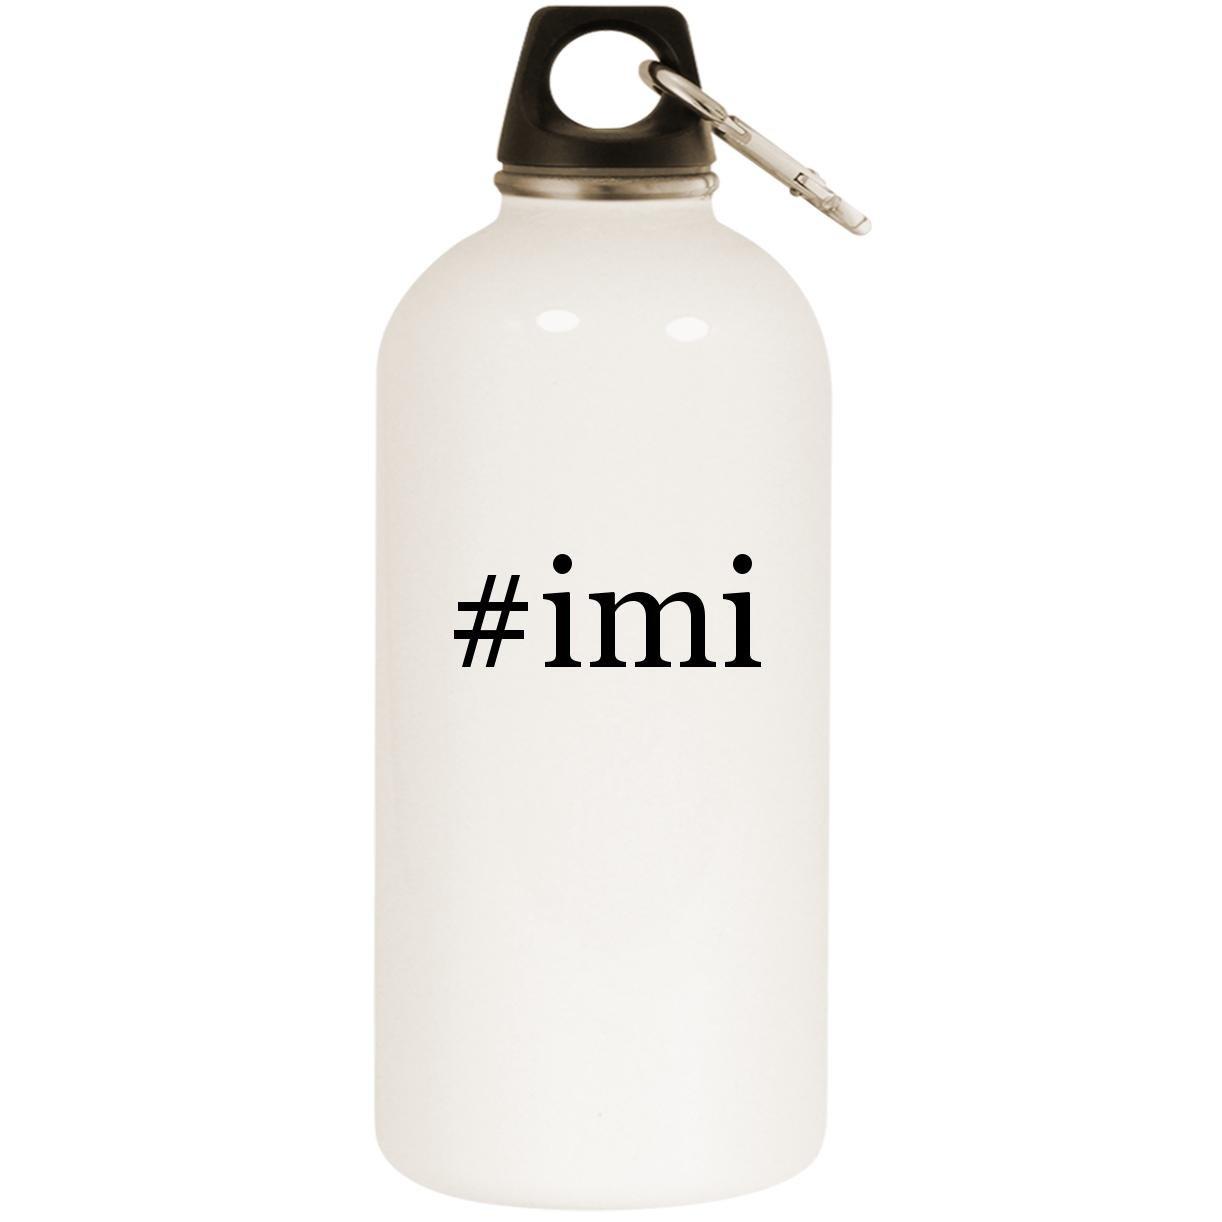 # IMI – ホワイトハッシュタグ20ozステンレススチールウォーターボトルカラビナ B0741VDCH1